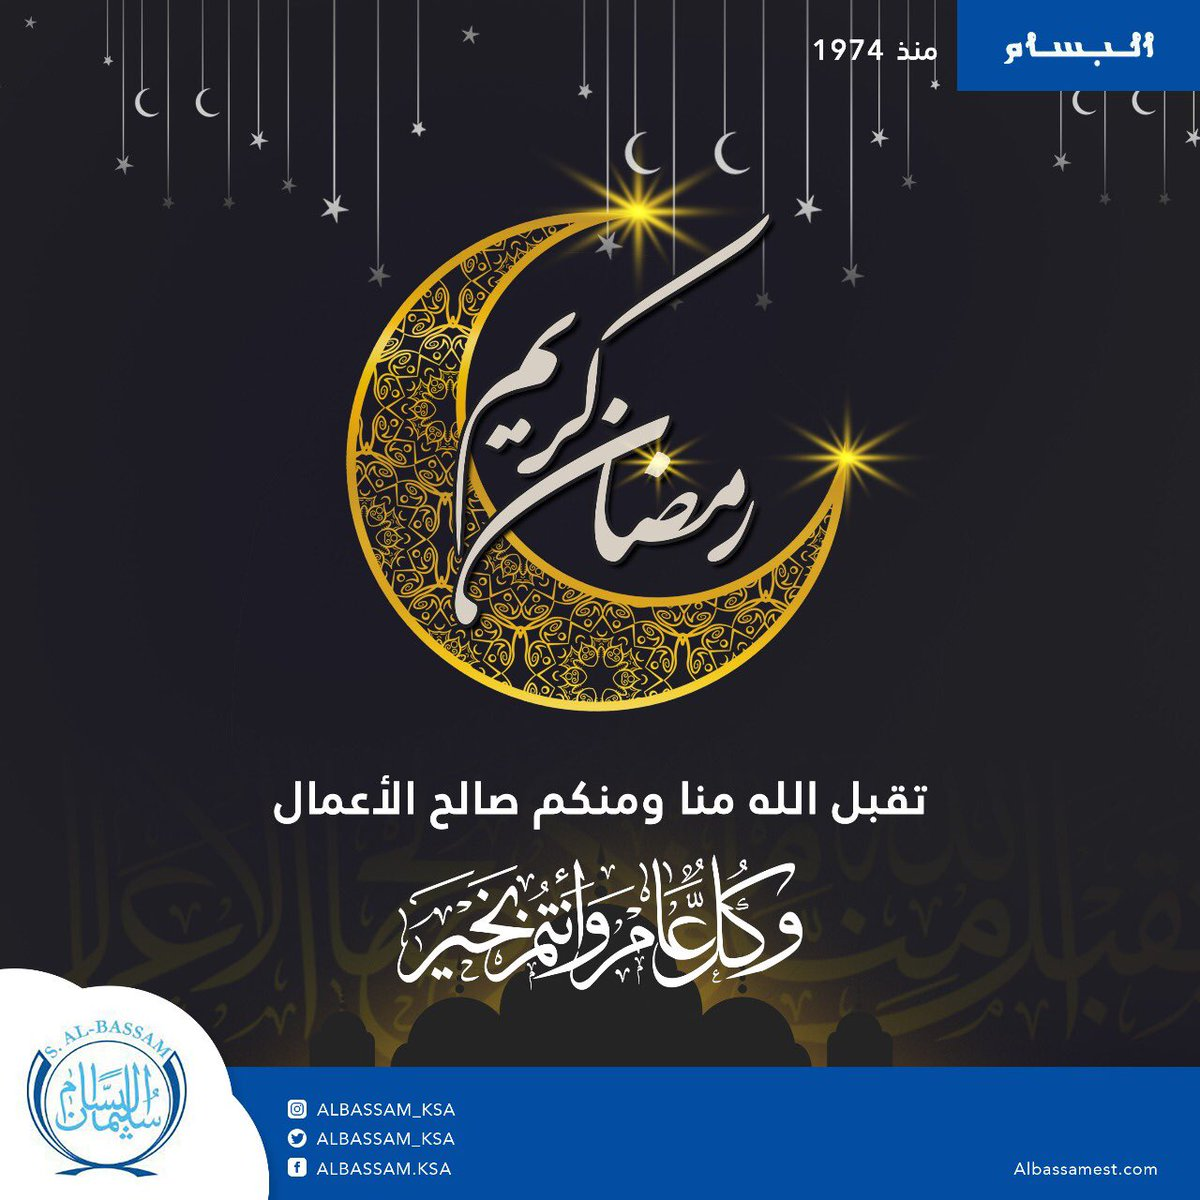 البس ام On Twitter مبارك عليكم الشهر وكل عام وأنتم بخير رمضان كريم